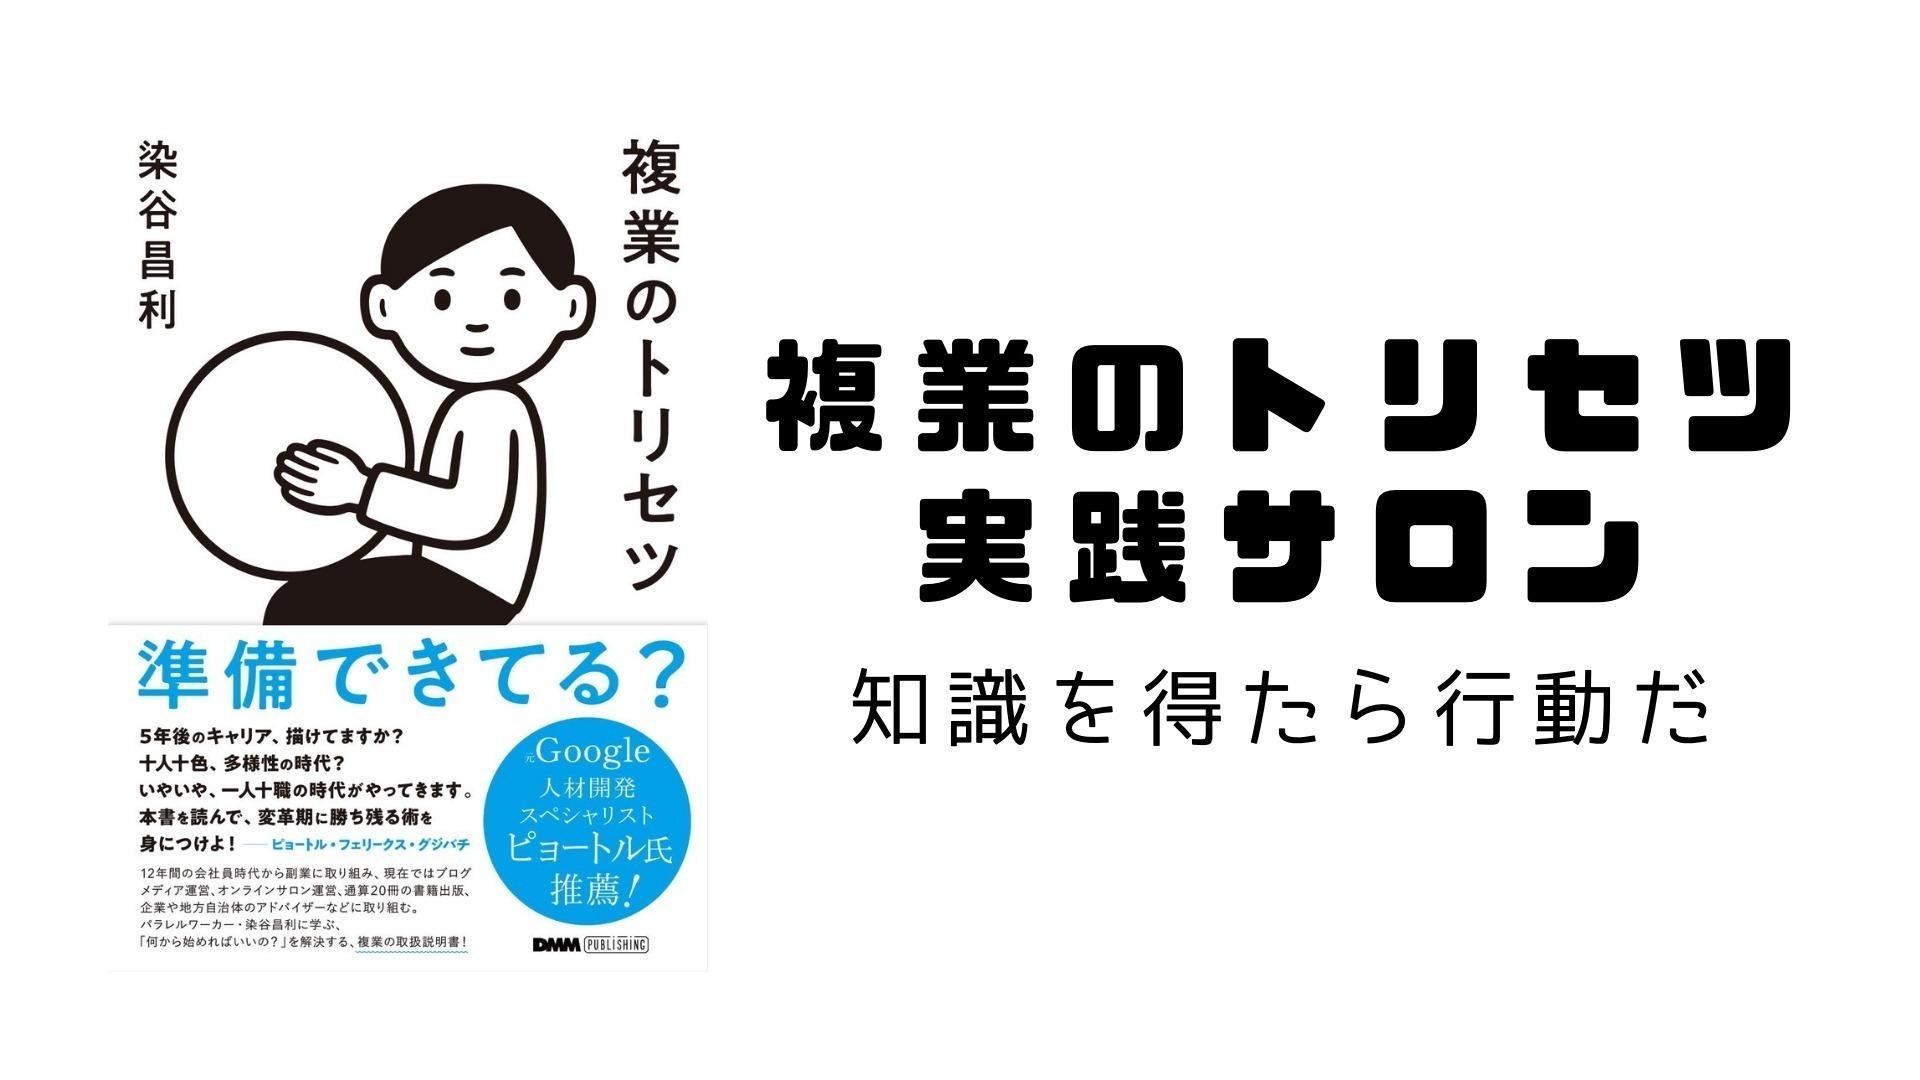 染谷昌利 - 『複業のトリセツ』実践サロン(一般プラン) - DMM オンラインサロン